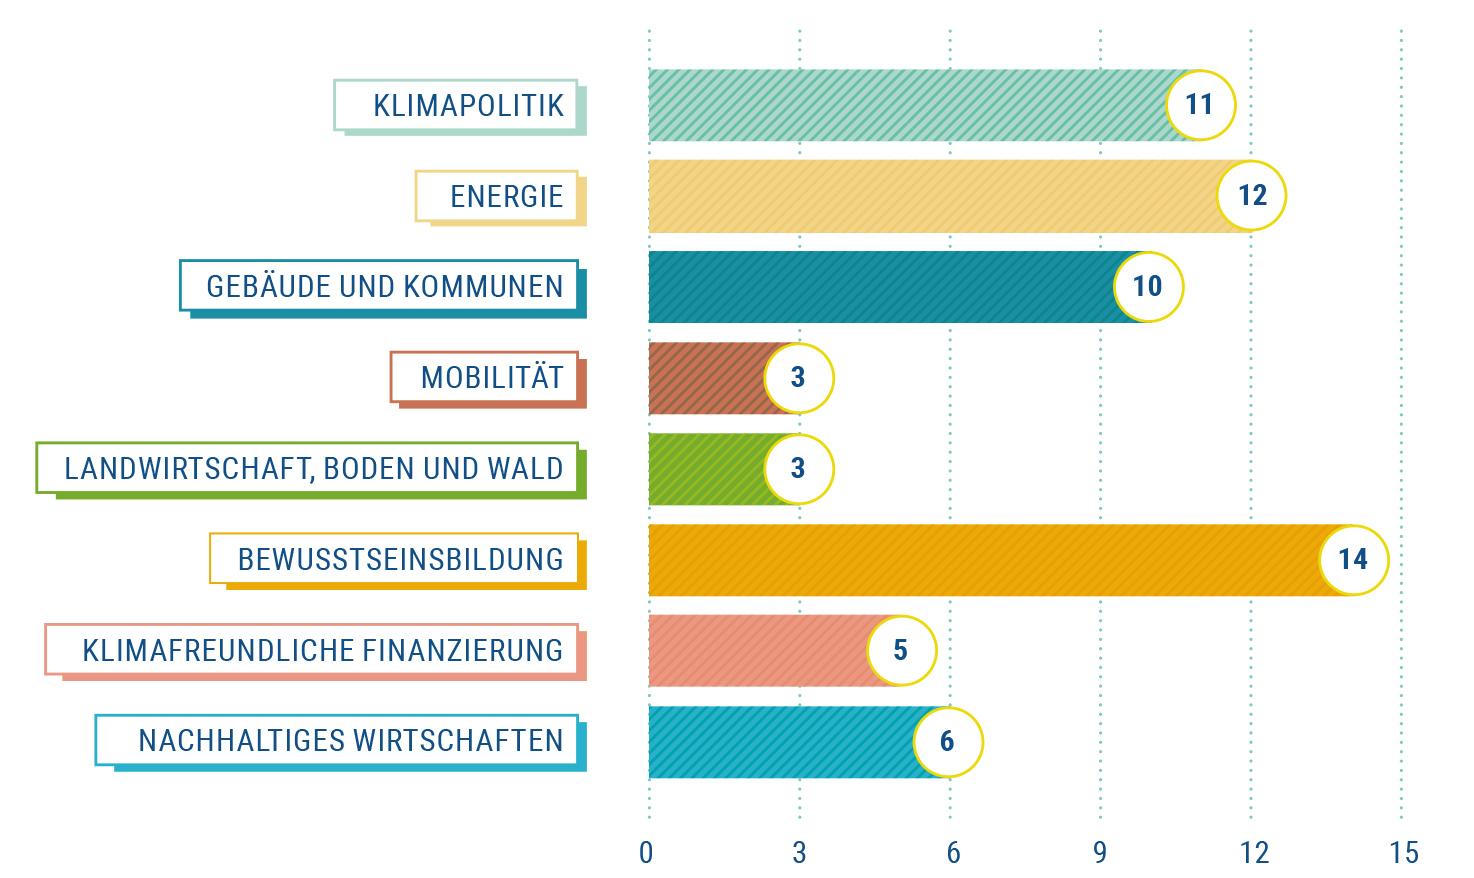 Zuordnung der 64 von der EUKI geförderten Projekte zu Schwerpunktthemen.